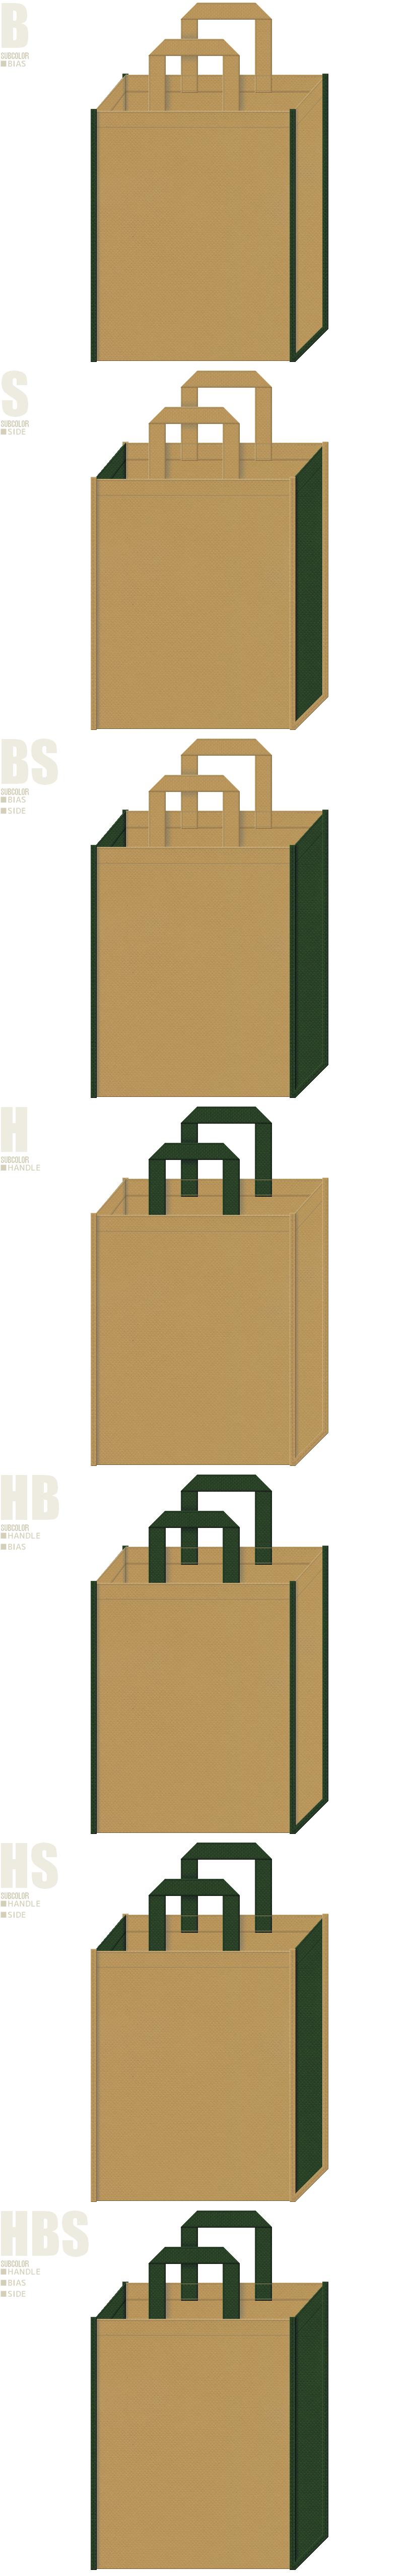 金色系黄土色と濃緑色、7パターンの不織布トートバッグ配色デザイン例。DIYの展示会用バッグにお奨めです。キャンプ・アウトドア・ジャングル・恐竜イメージ